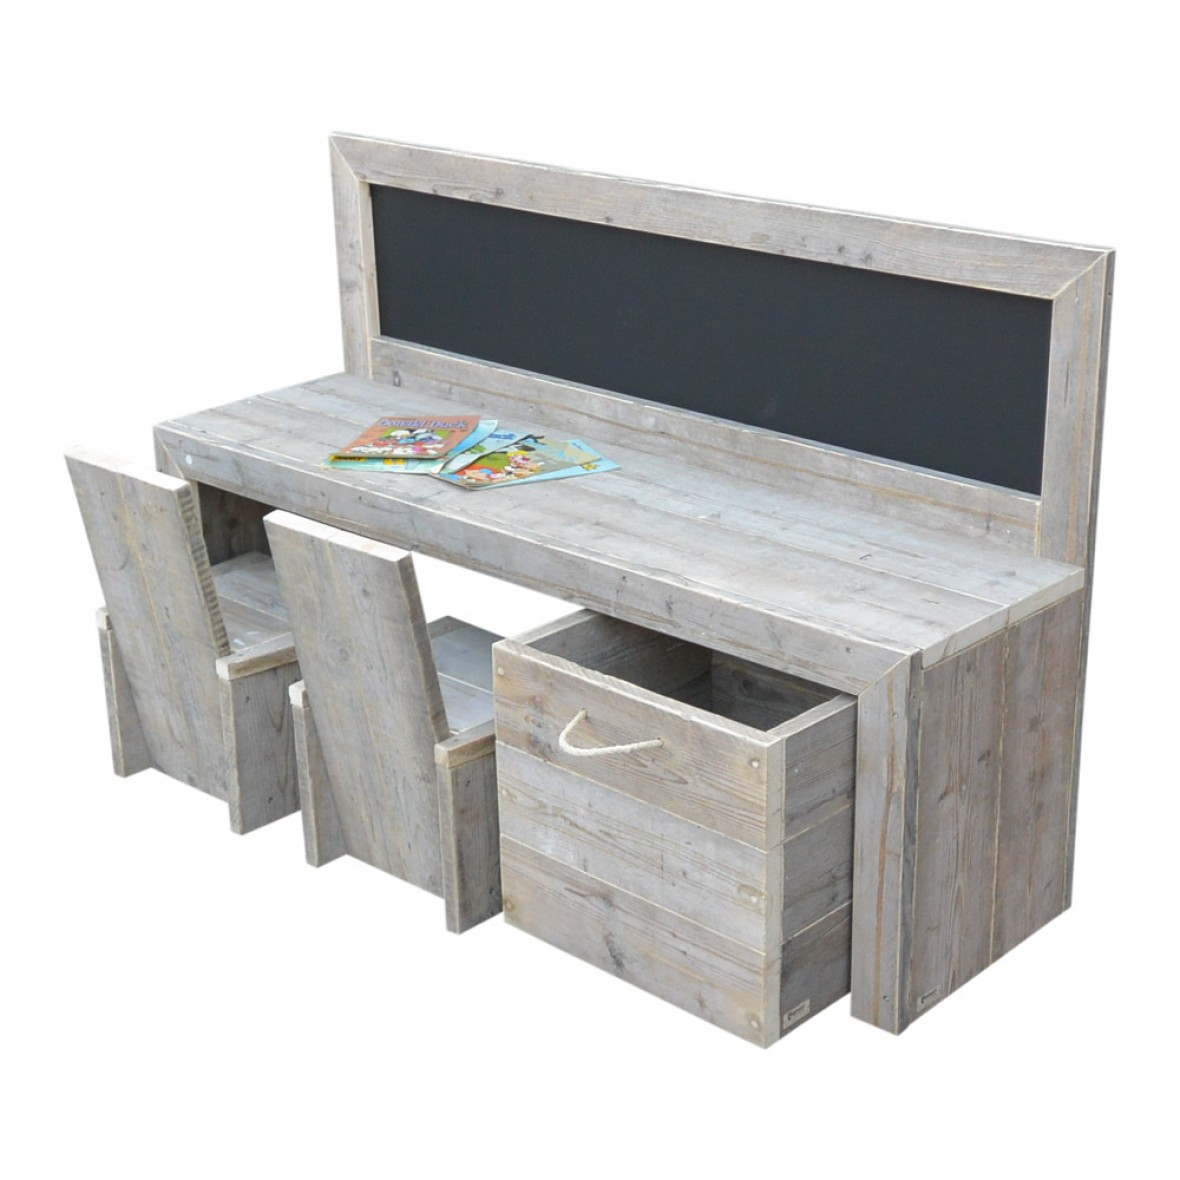 Speeltafel Met Opbergruimte.Steigerhouten Kinderspeeltafel Luca Met Schoolbord